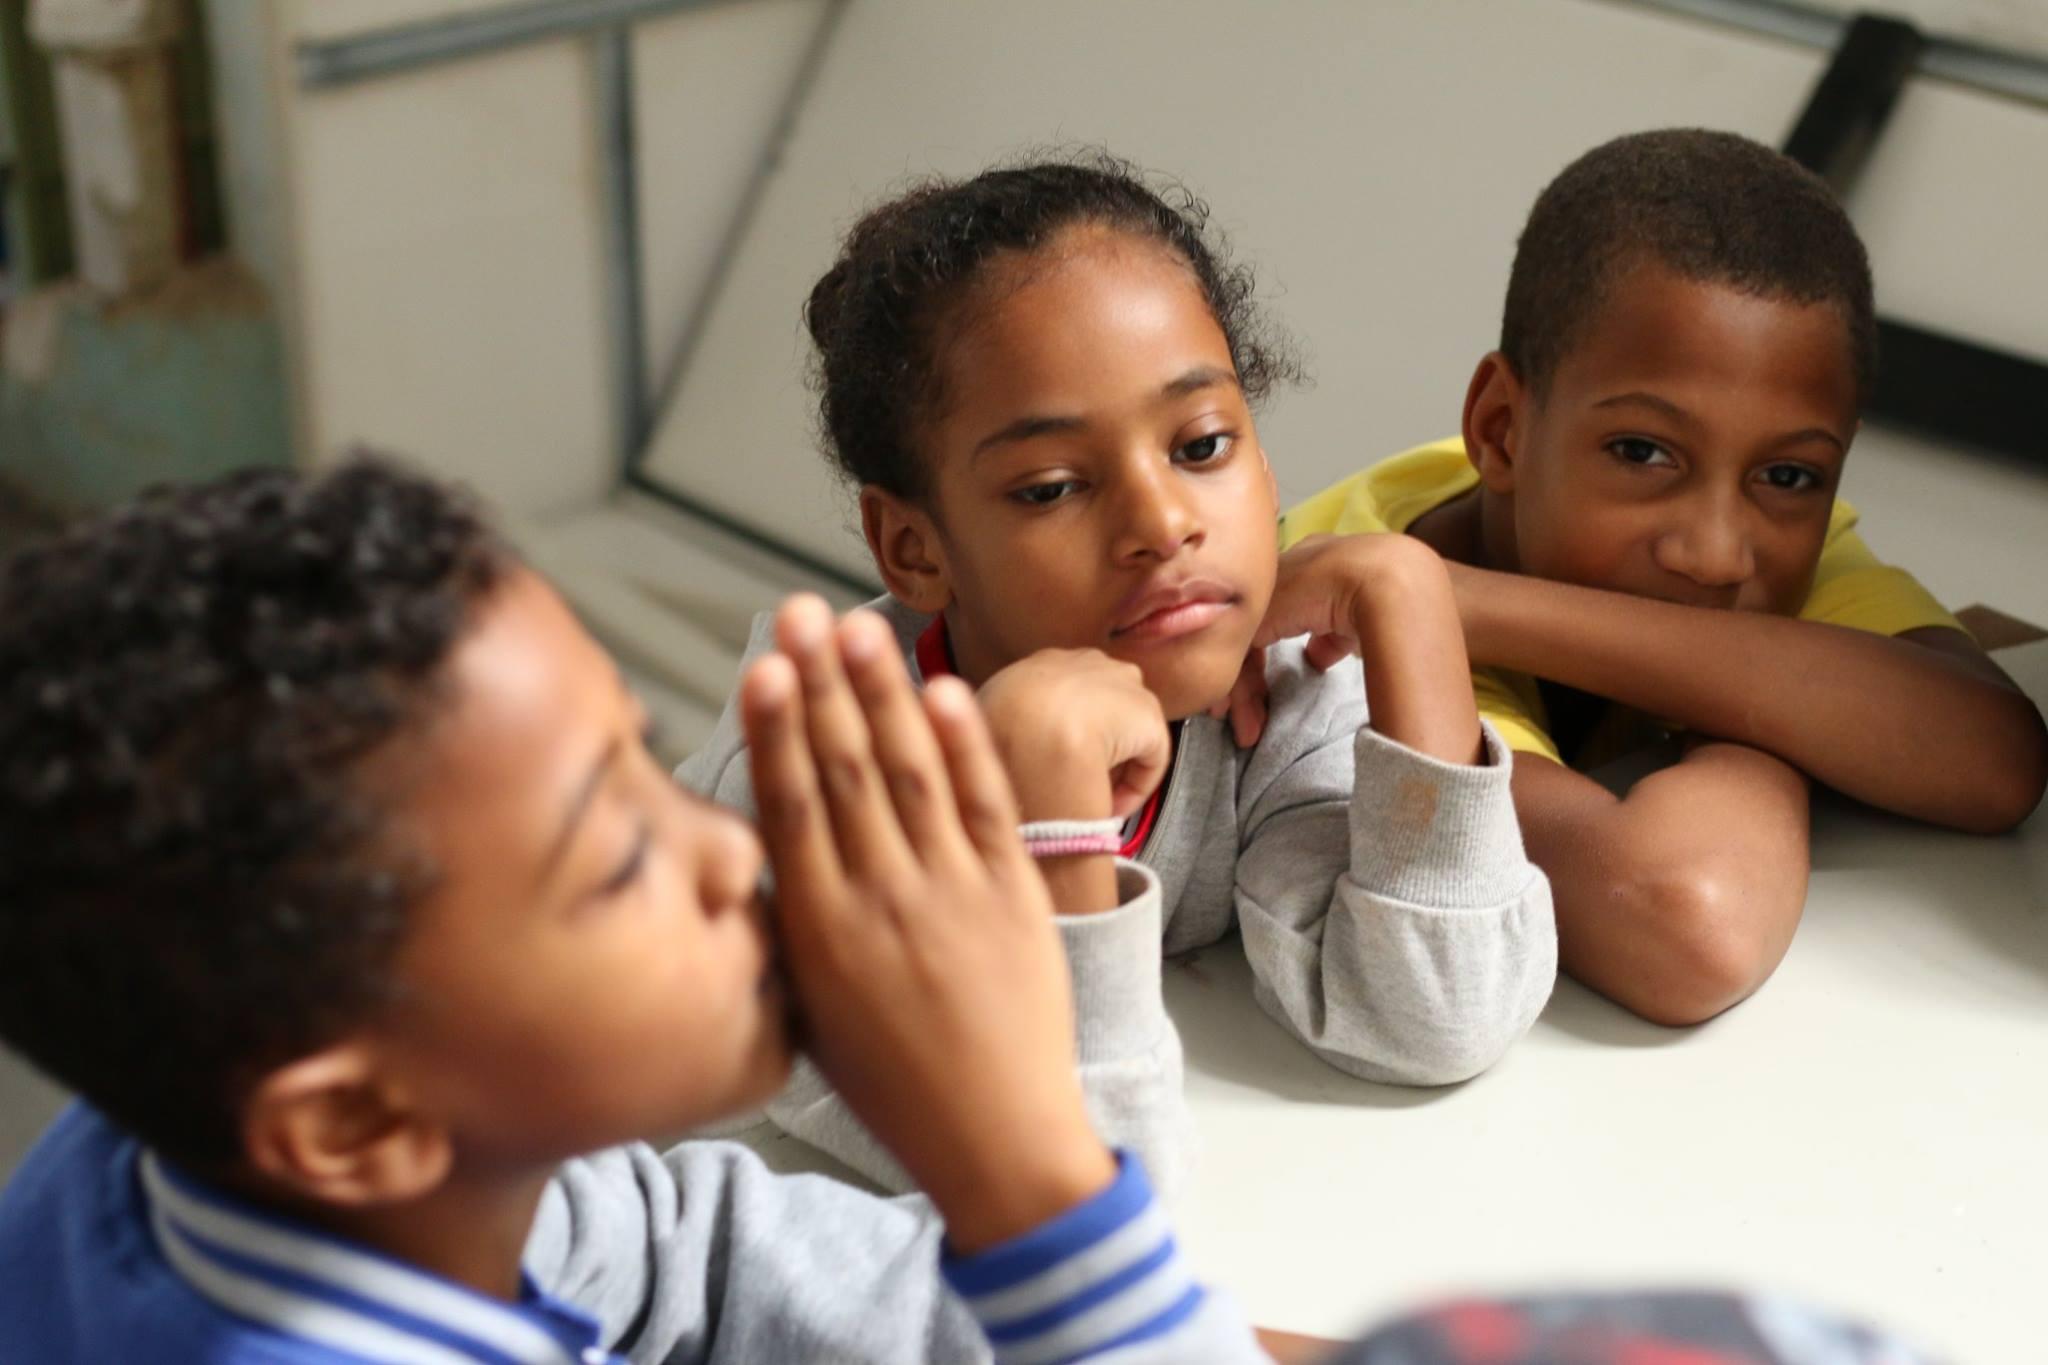 Abrace uma criança - Doe cultura, educação e arte para crianças do Cantagalo 2